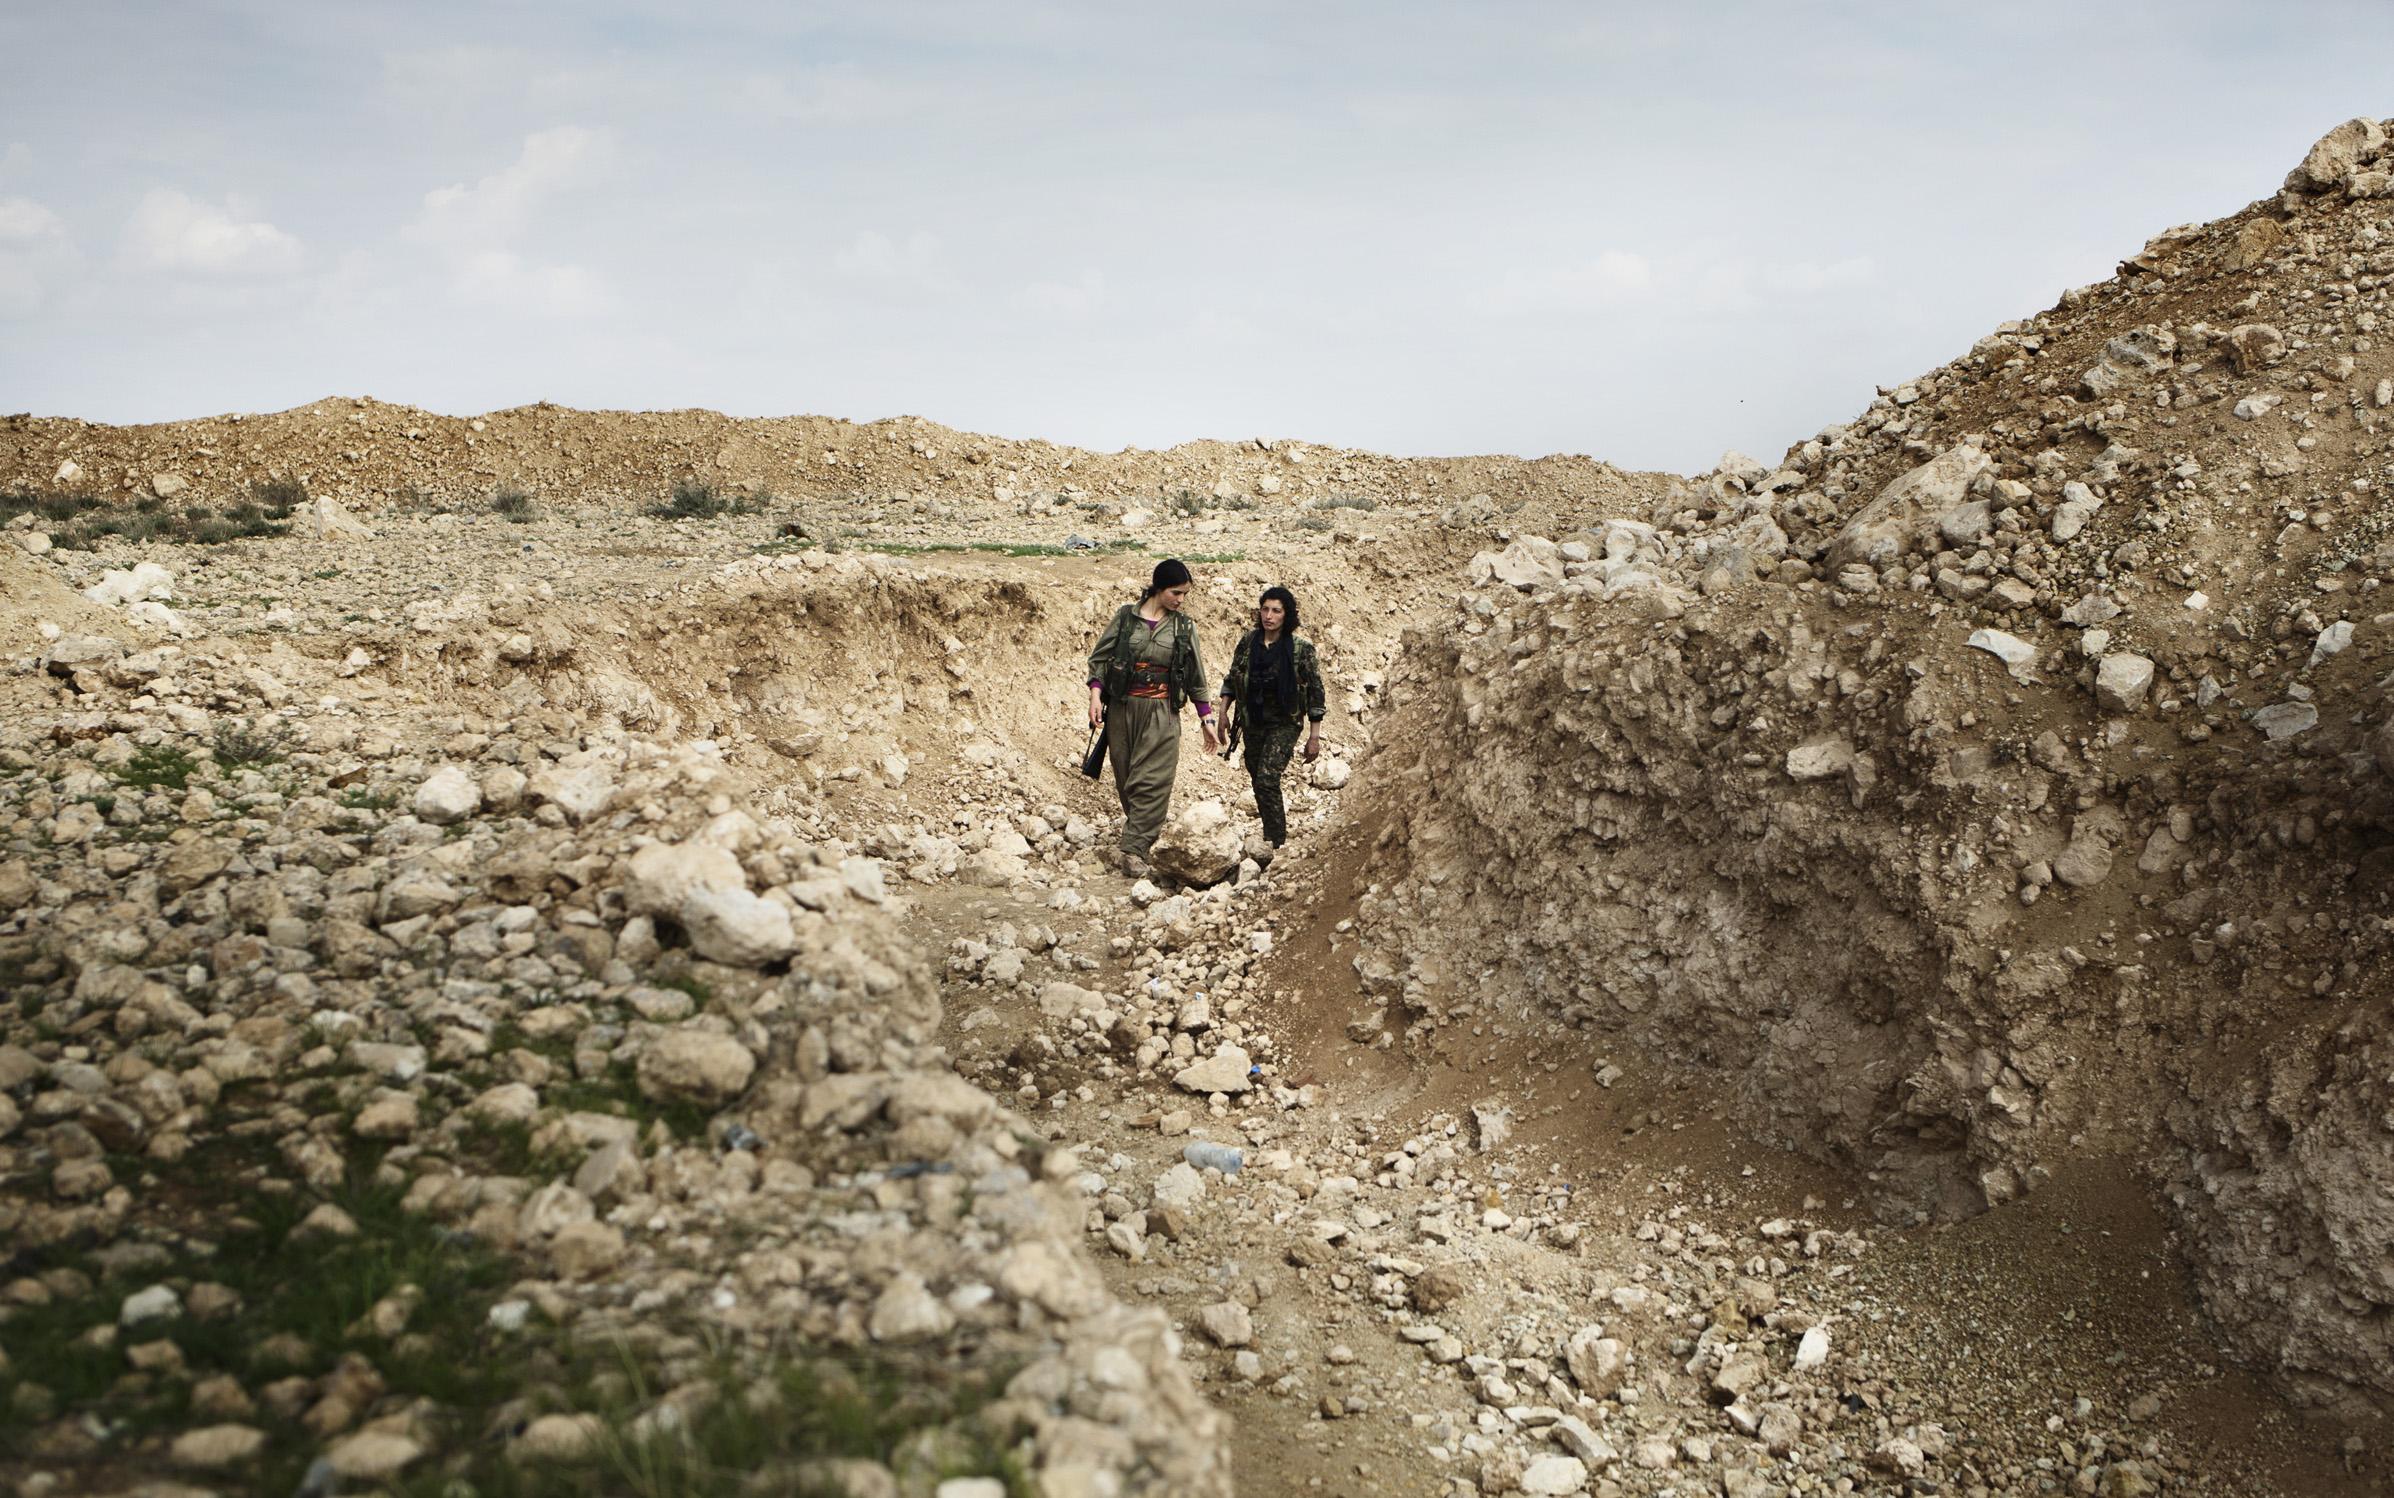 SINJAR, KURDISTAN, IRAQ- FEBRUARY, 2016: Commandante Gulchin et Norouz (21) se déplacent dans les tranchées creusées tout autour de leur base. Leur poste se trouve à 1 km seulment des positions enemies de Daech. .(picture by Veronique de Viguerie/ Reportage by Getty Images )